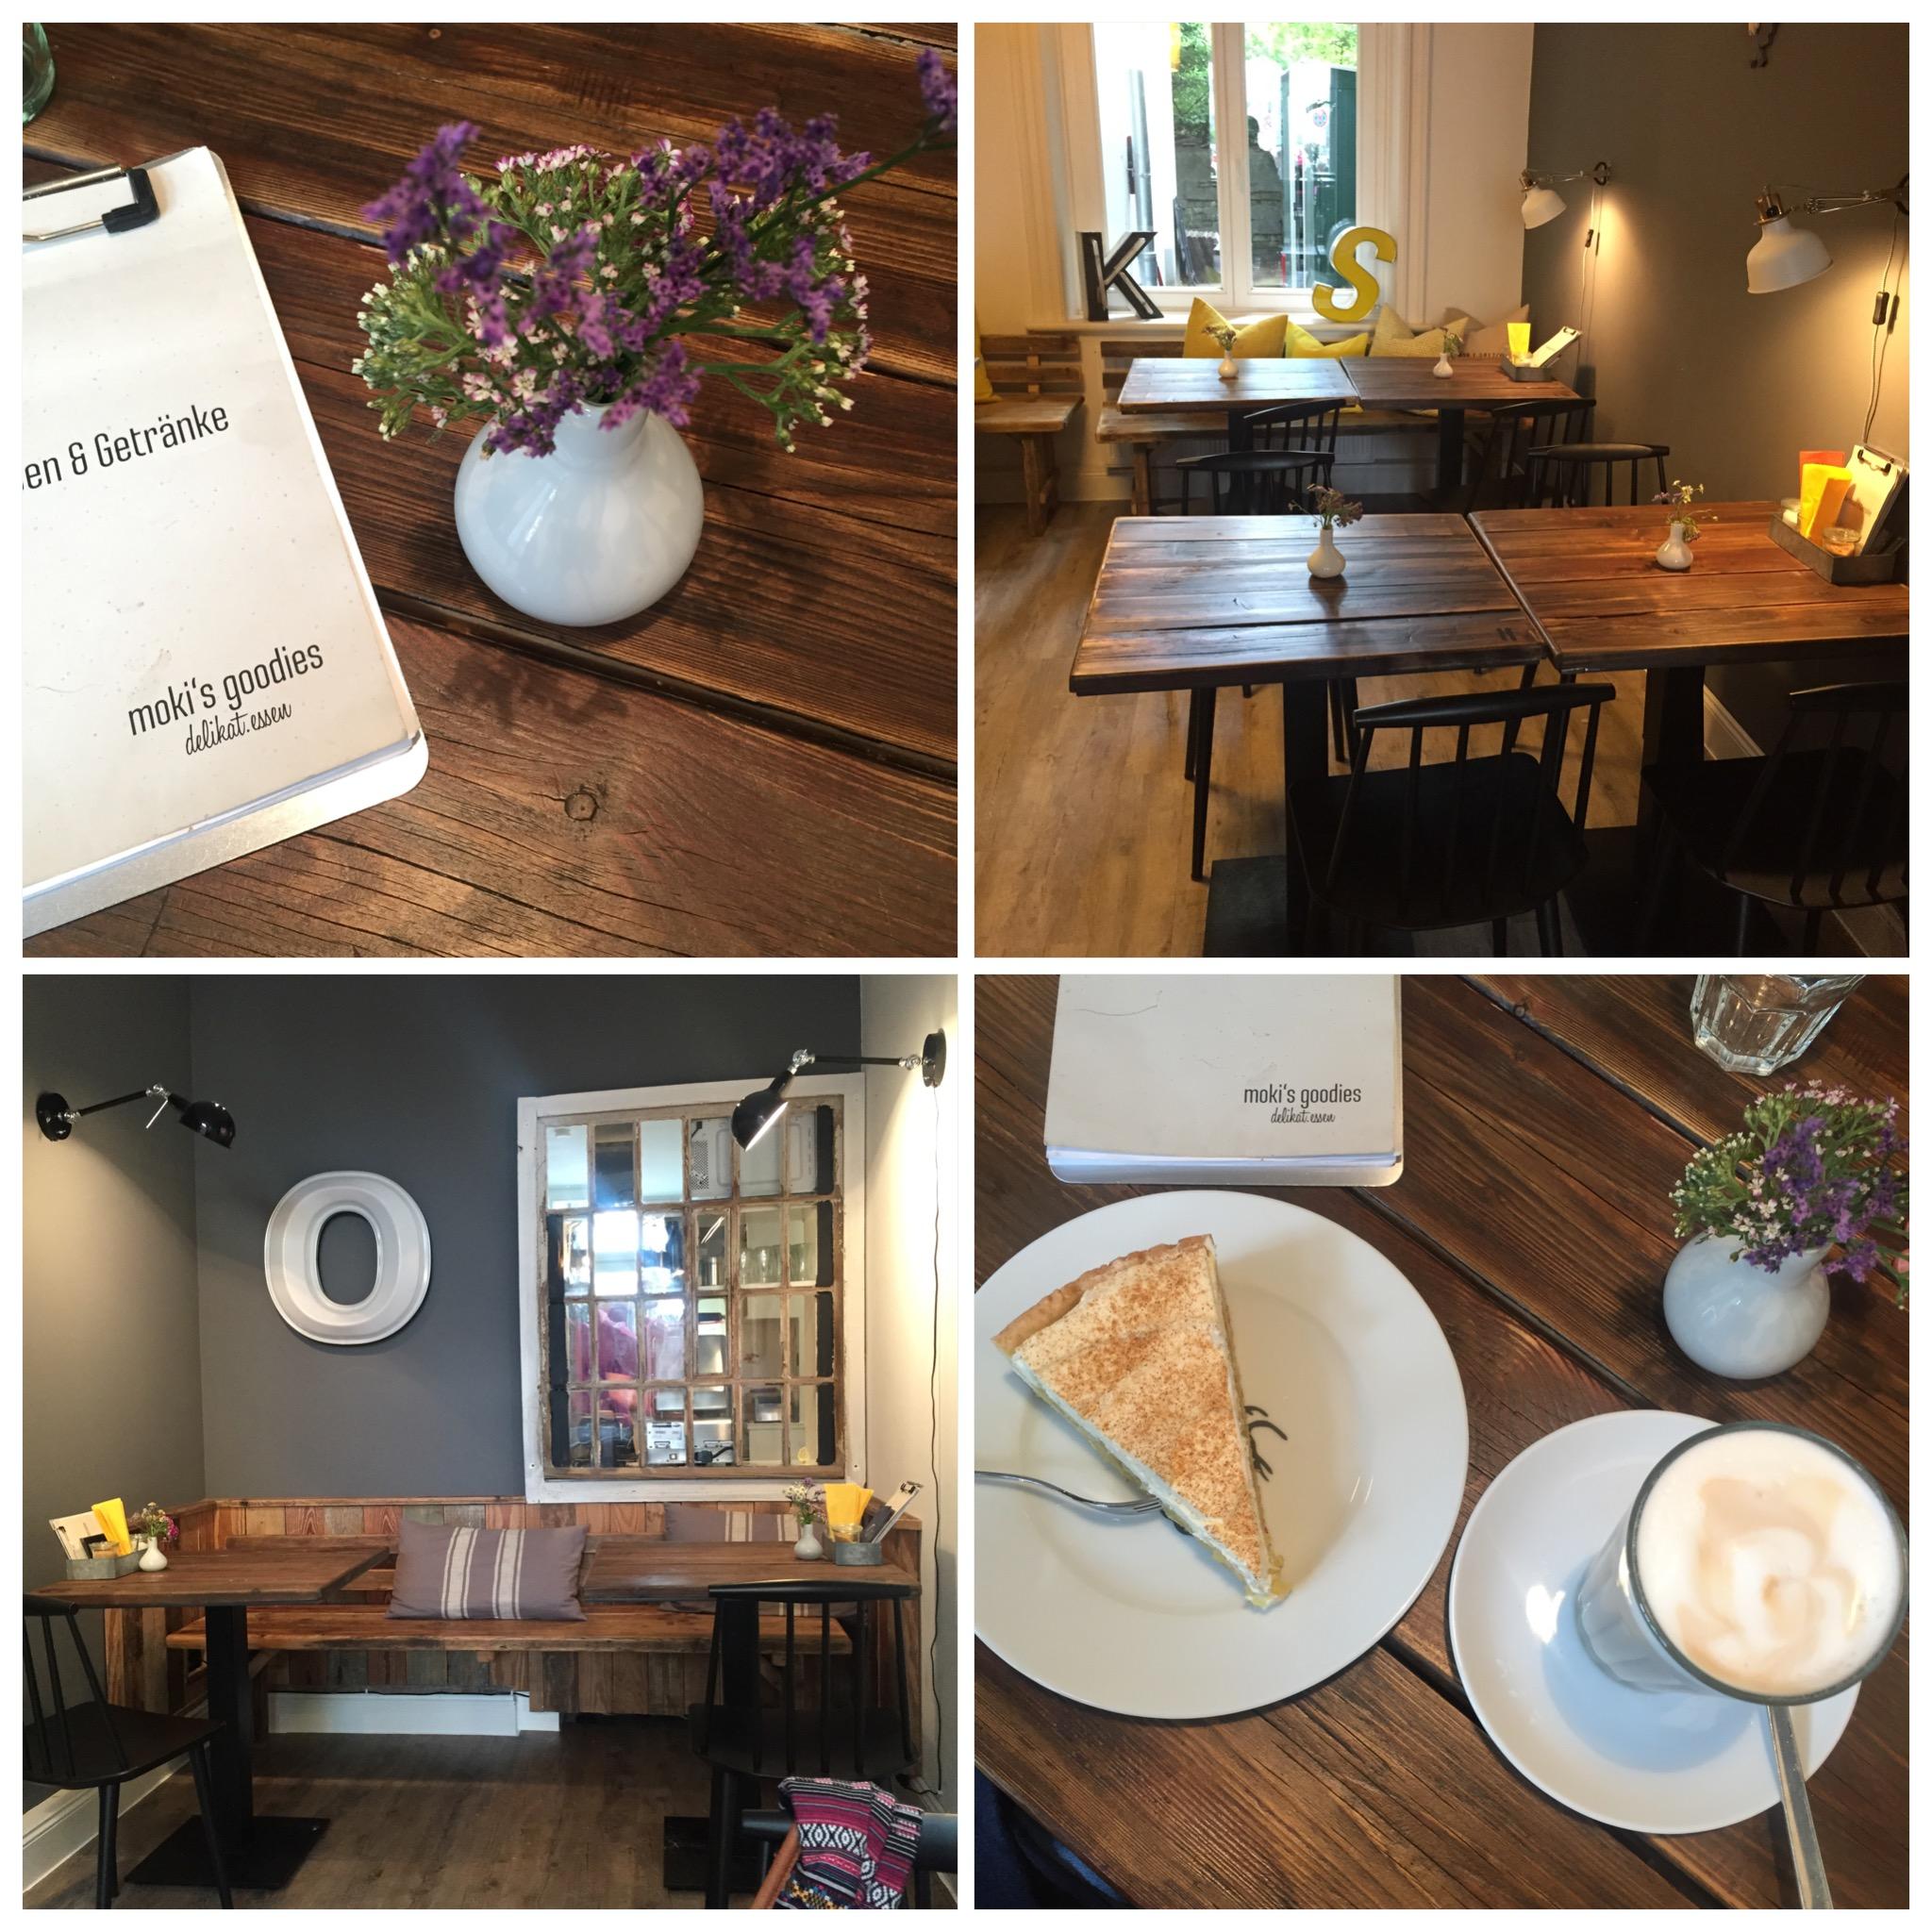 Collage Café moki's goodies